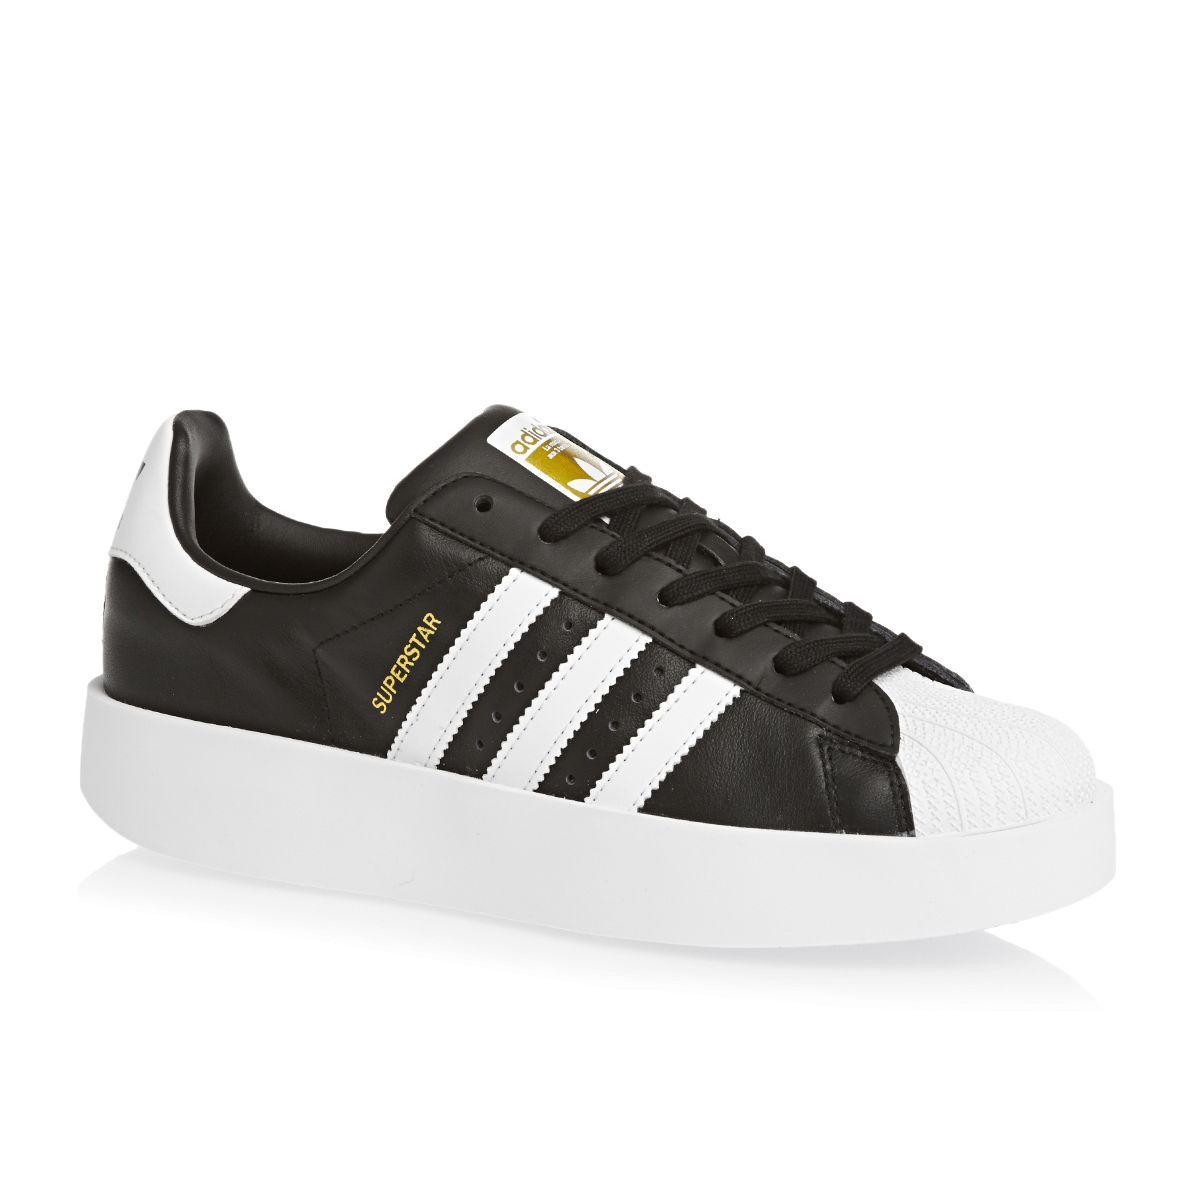 buy popular 45501 e627e Zapato Adidas Originals  fashion  moda  zapatillas  adidas  circulogpr